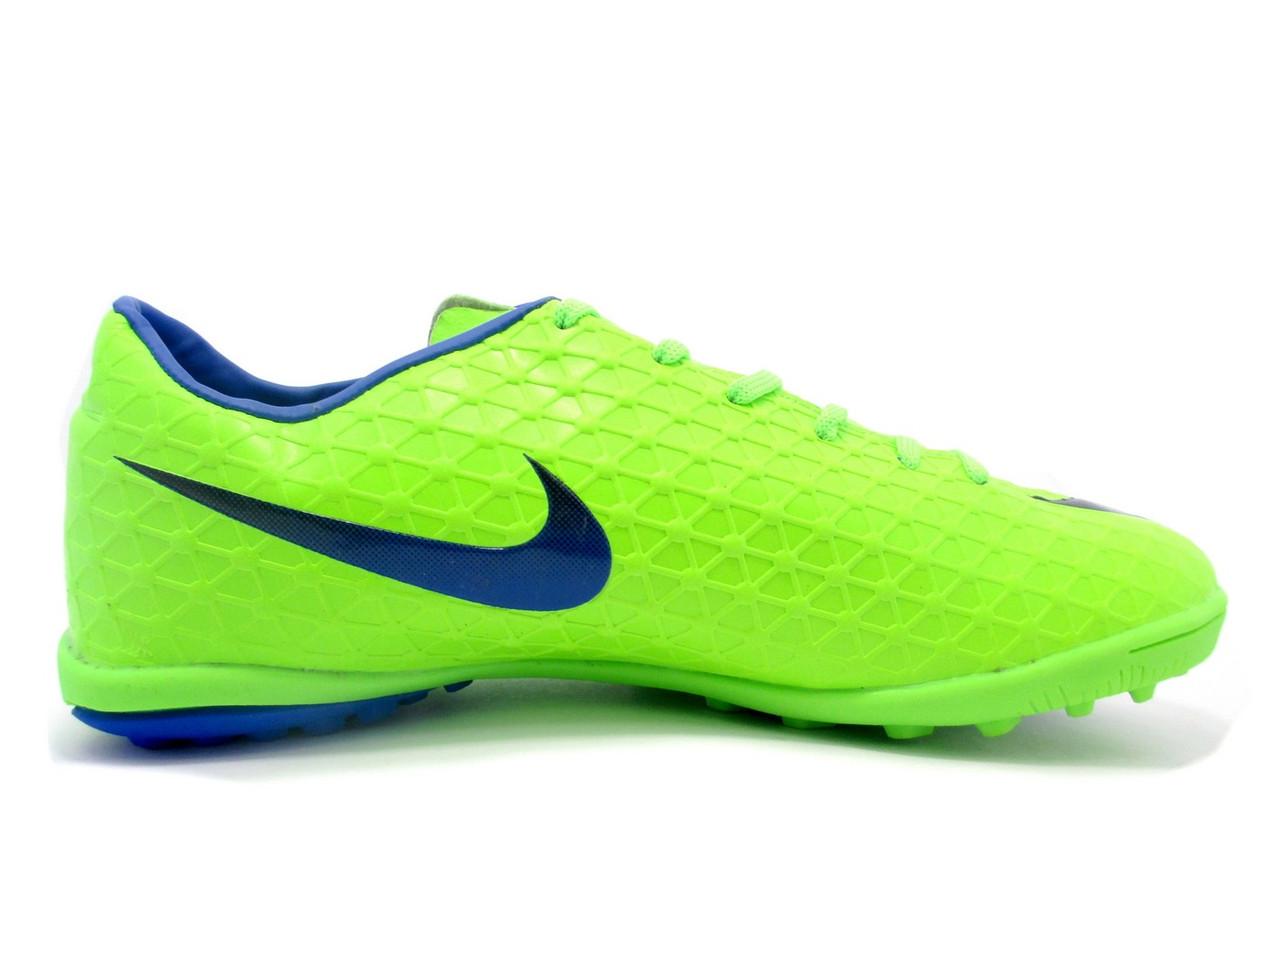 Футбольные сороконожки Nike Mercurial Victory TF Green/Blue/Black